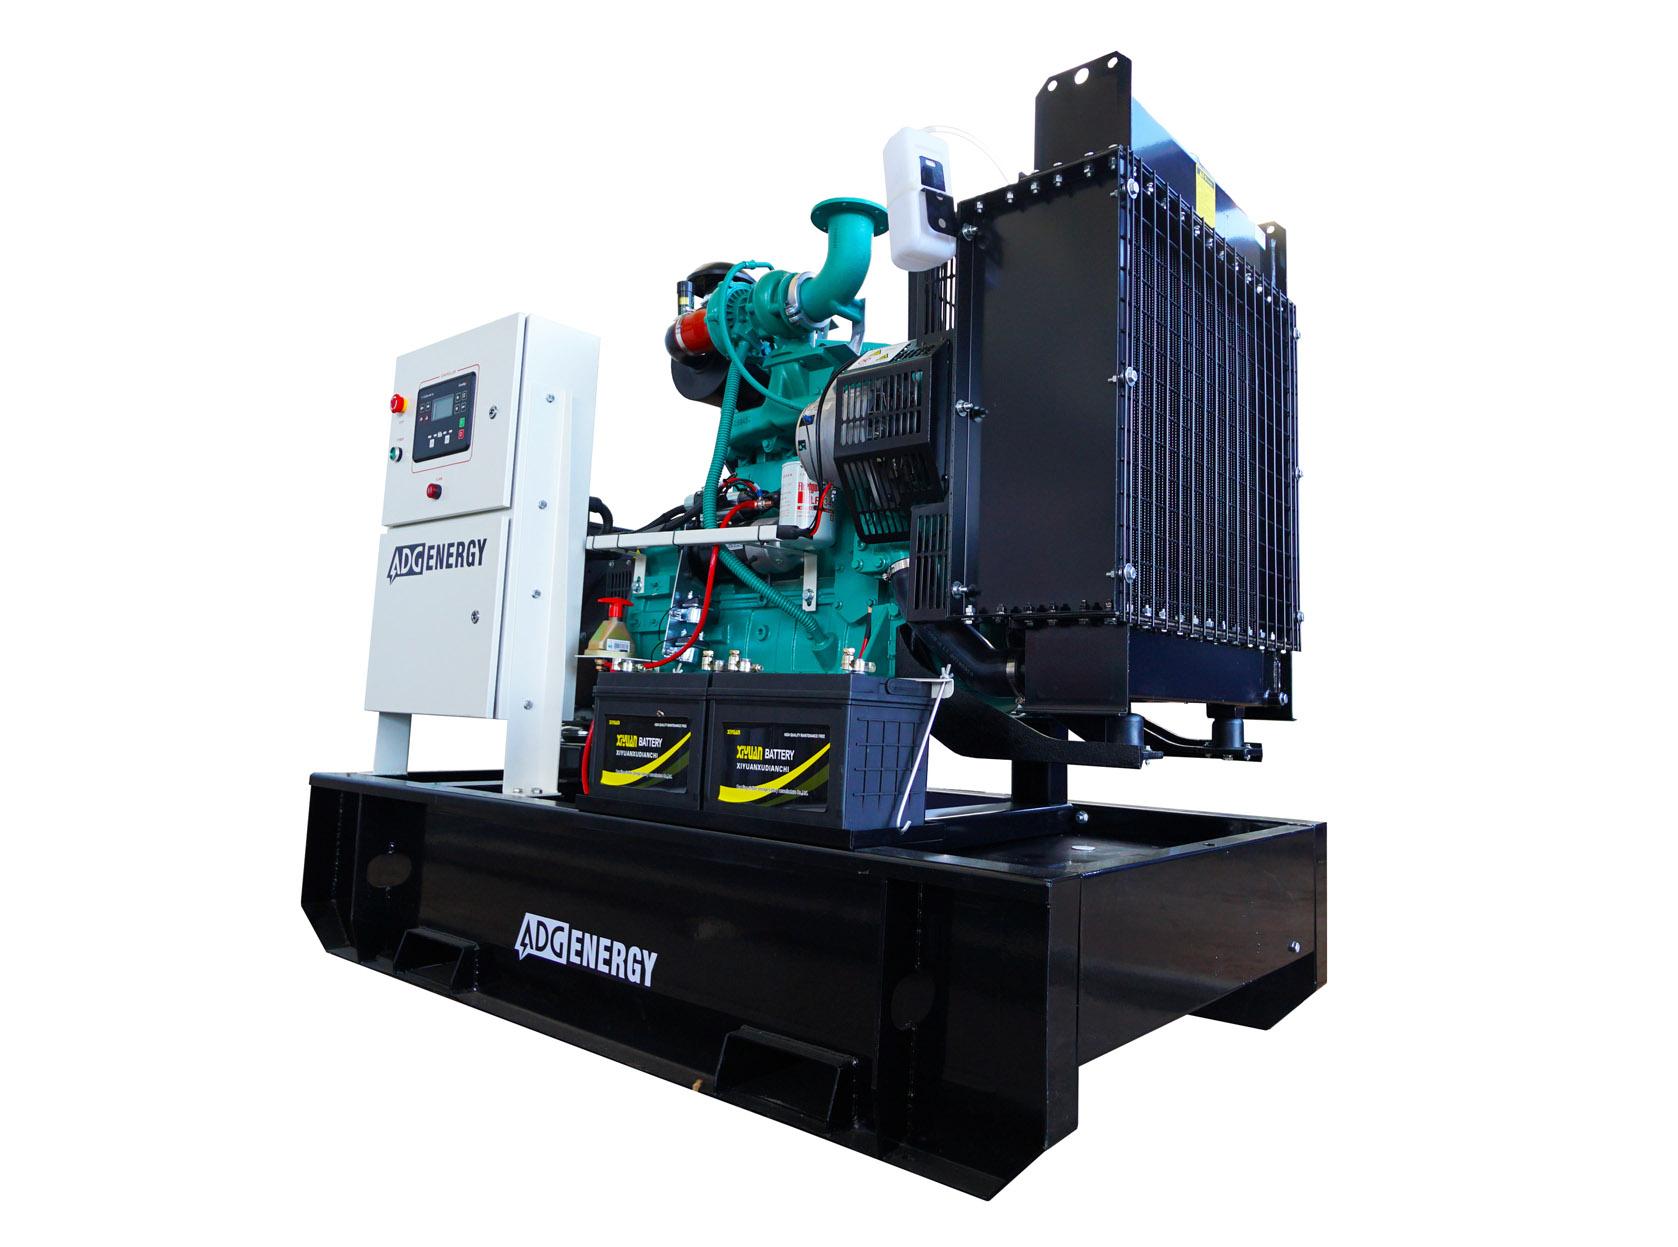 Дизельный генератор (электростанция) ADG-ENERGY AD-70C